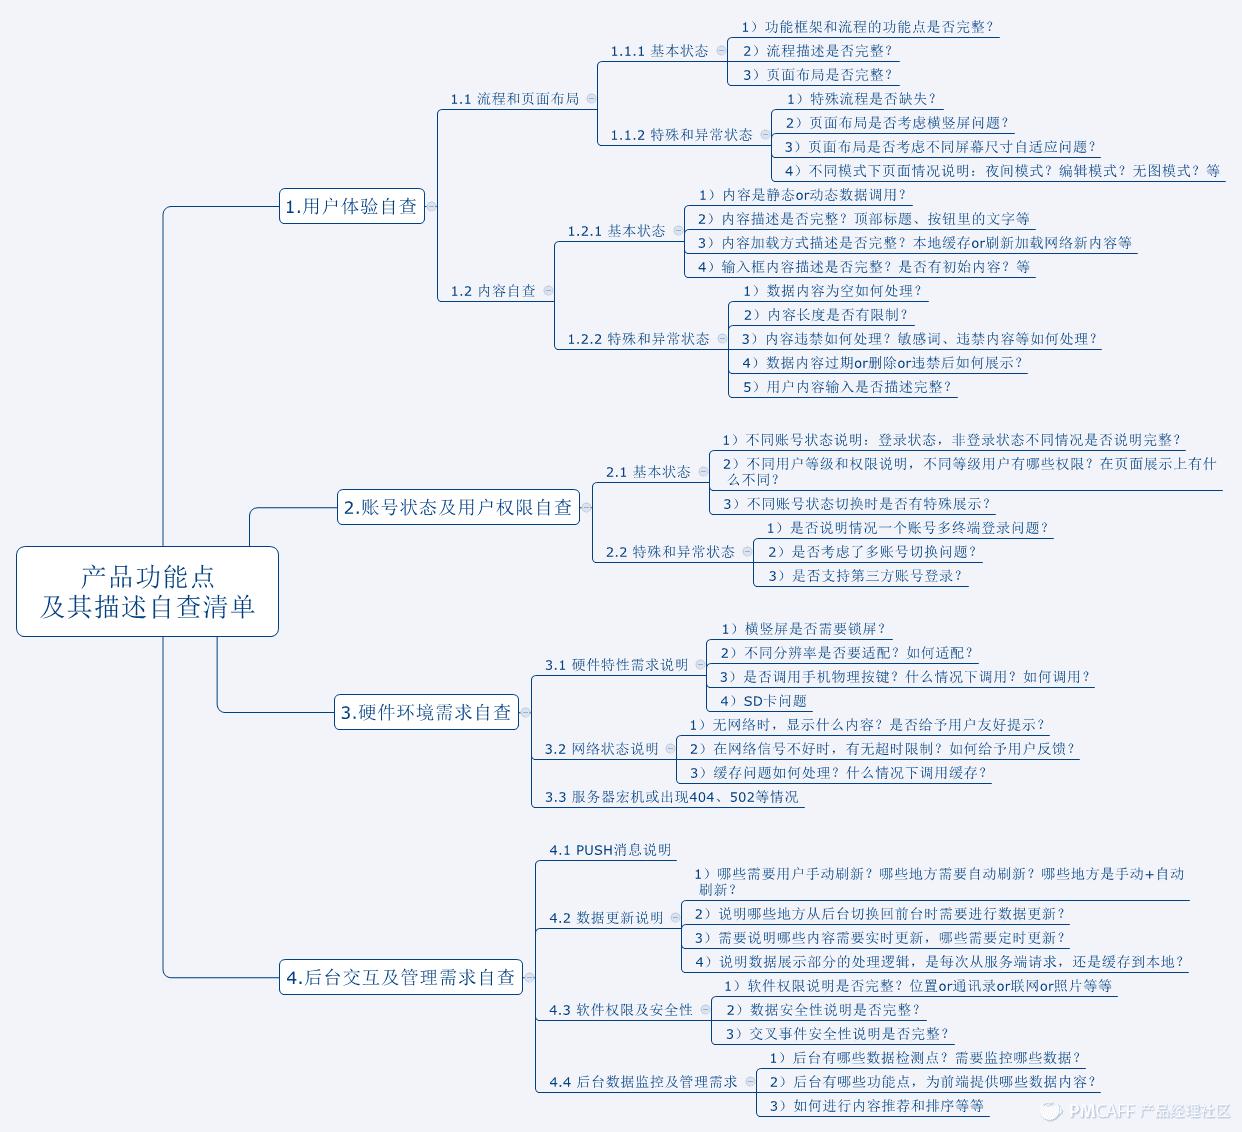 产品功能点 及其描述自查清单.png